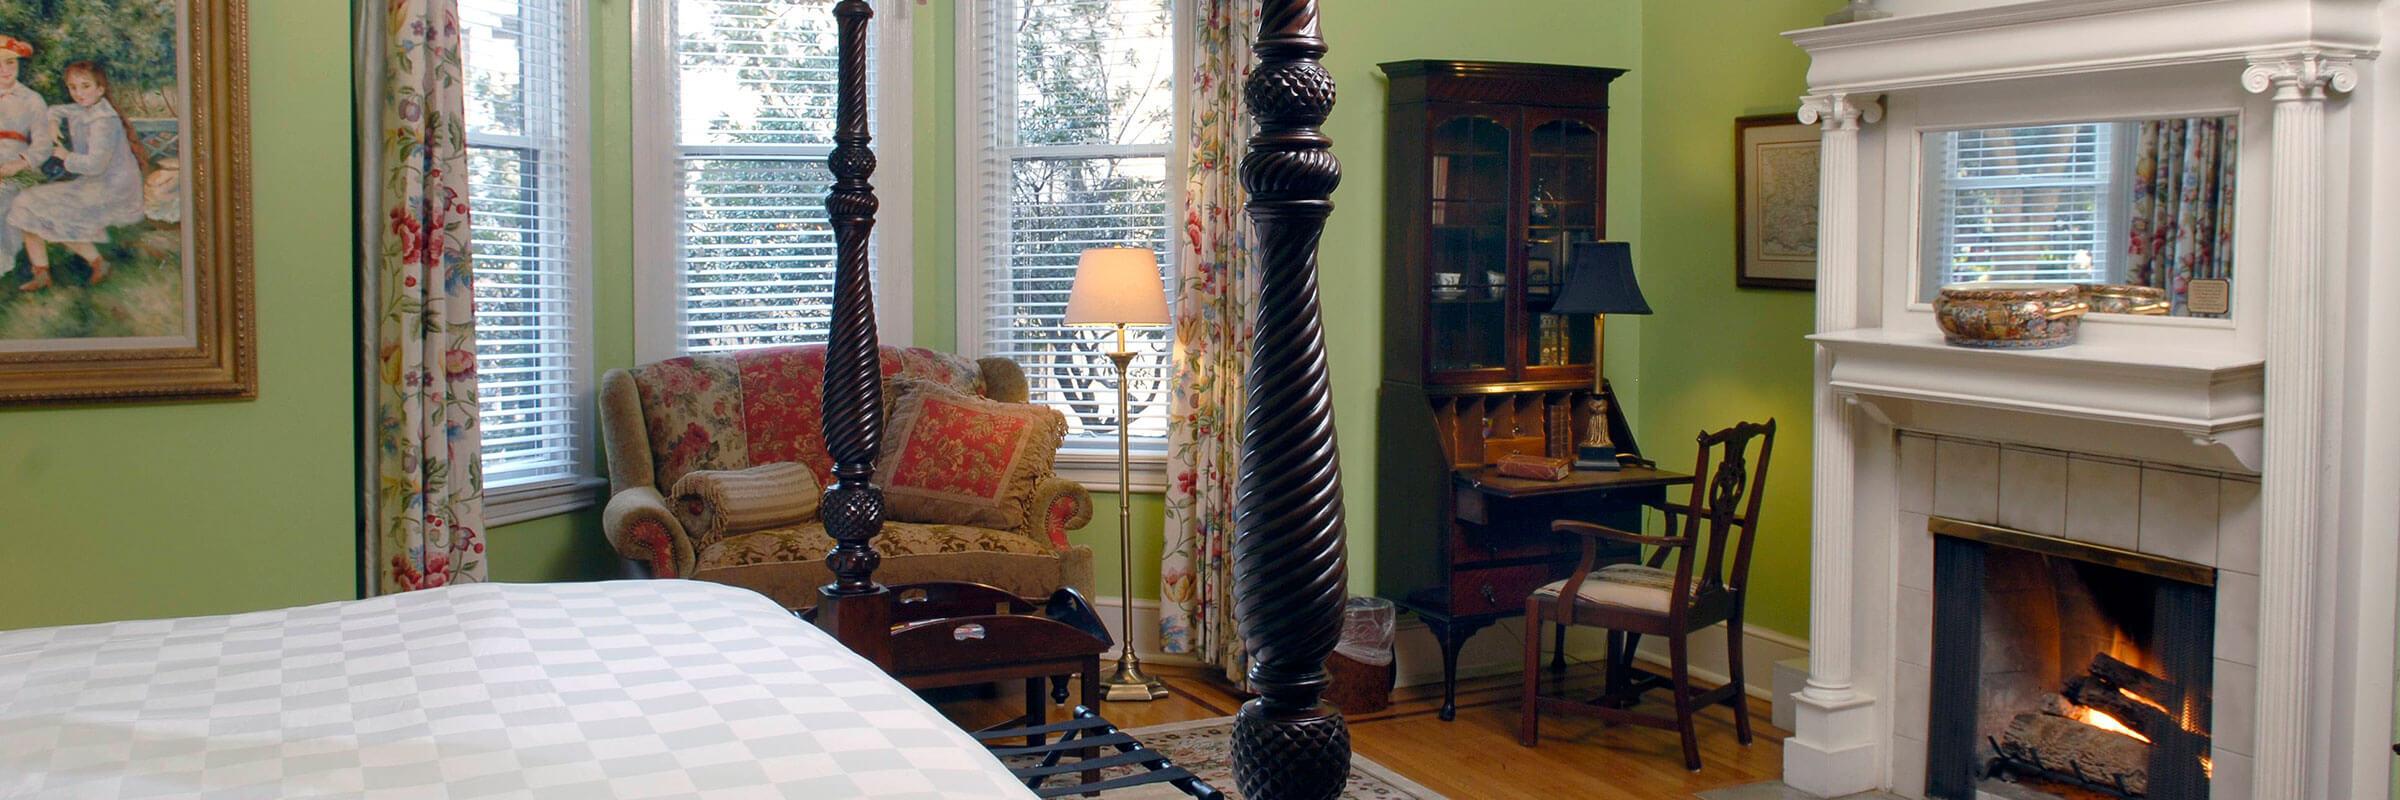 Foley Inn Room Photo